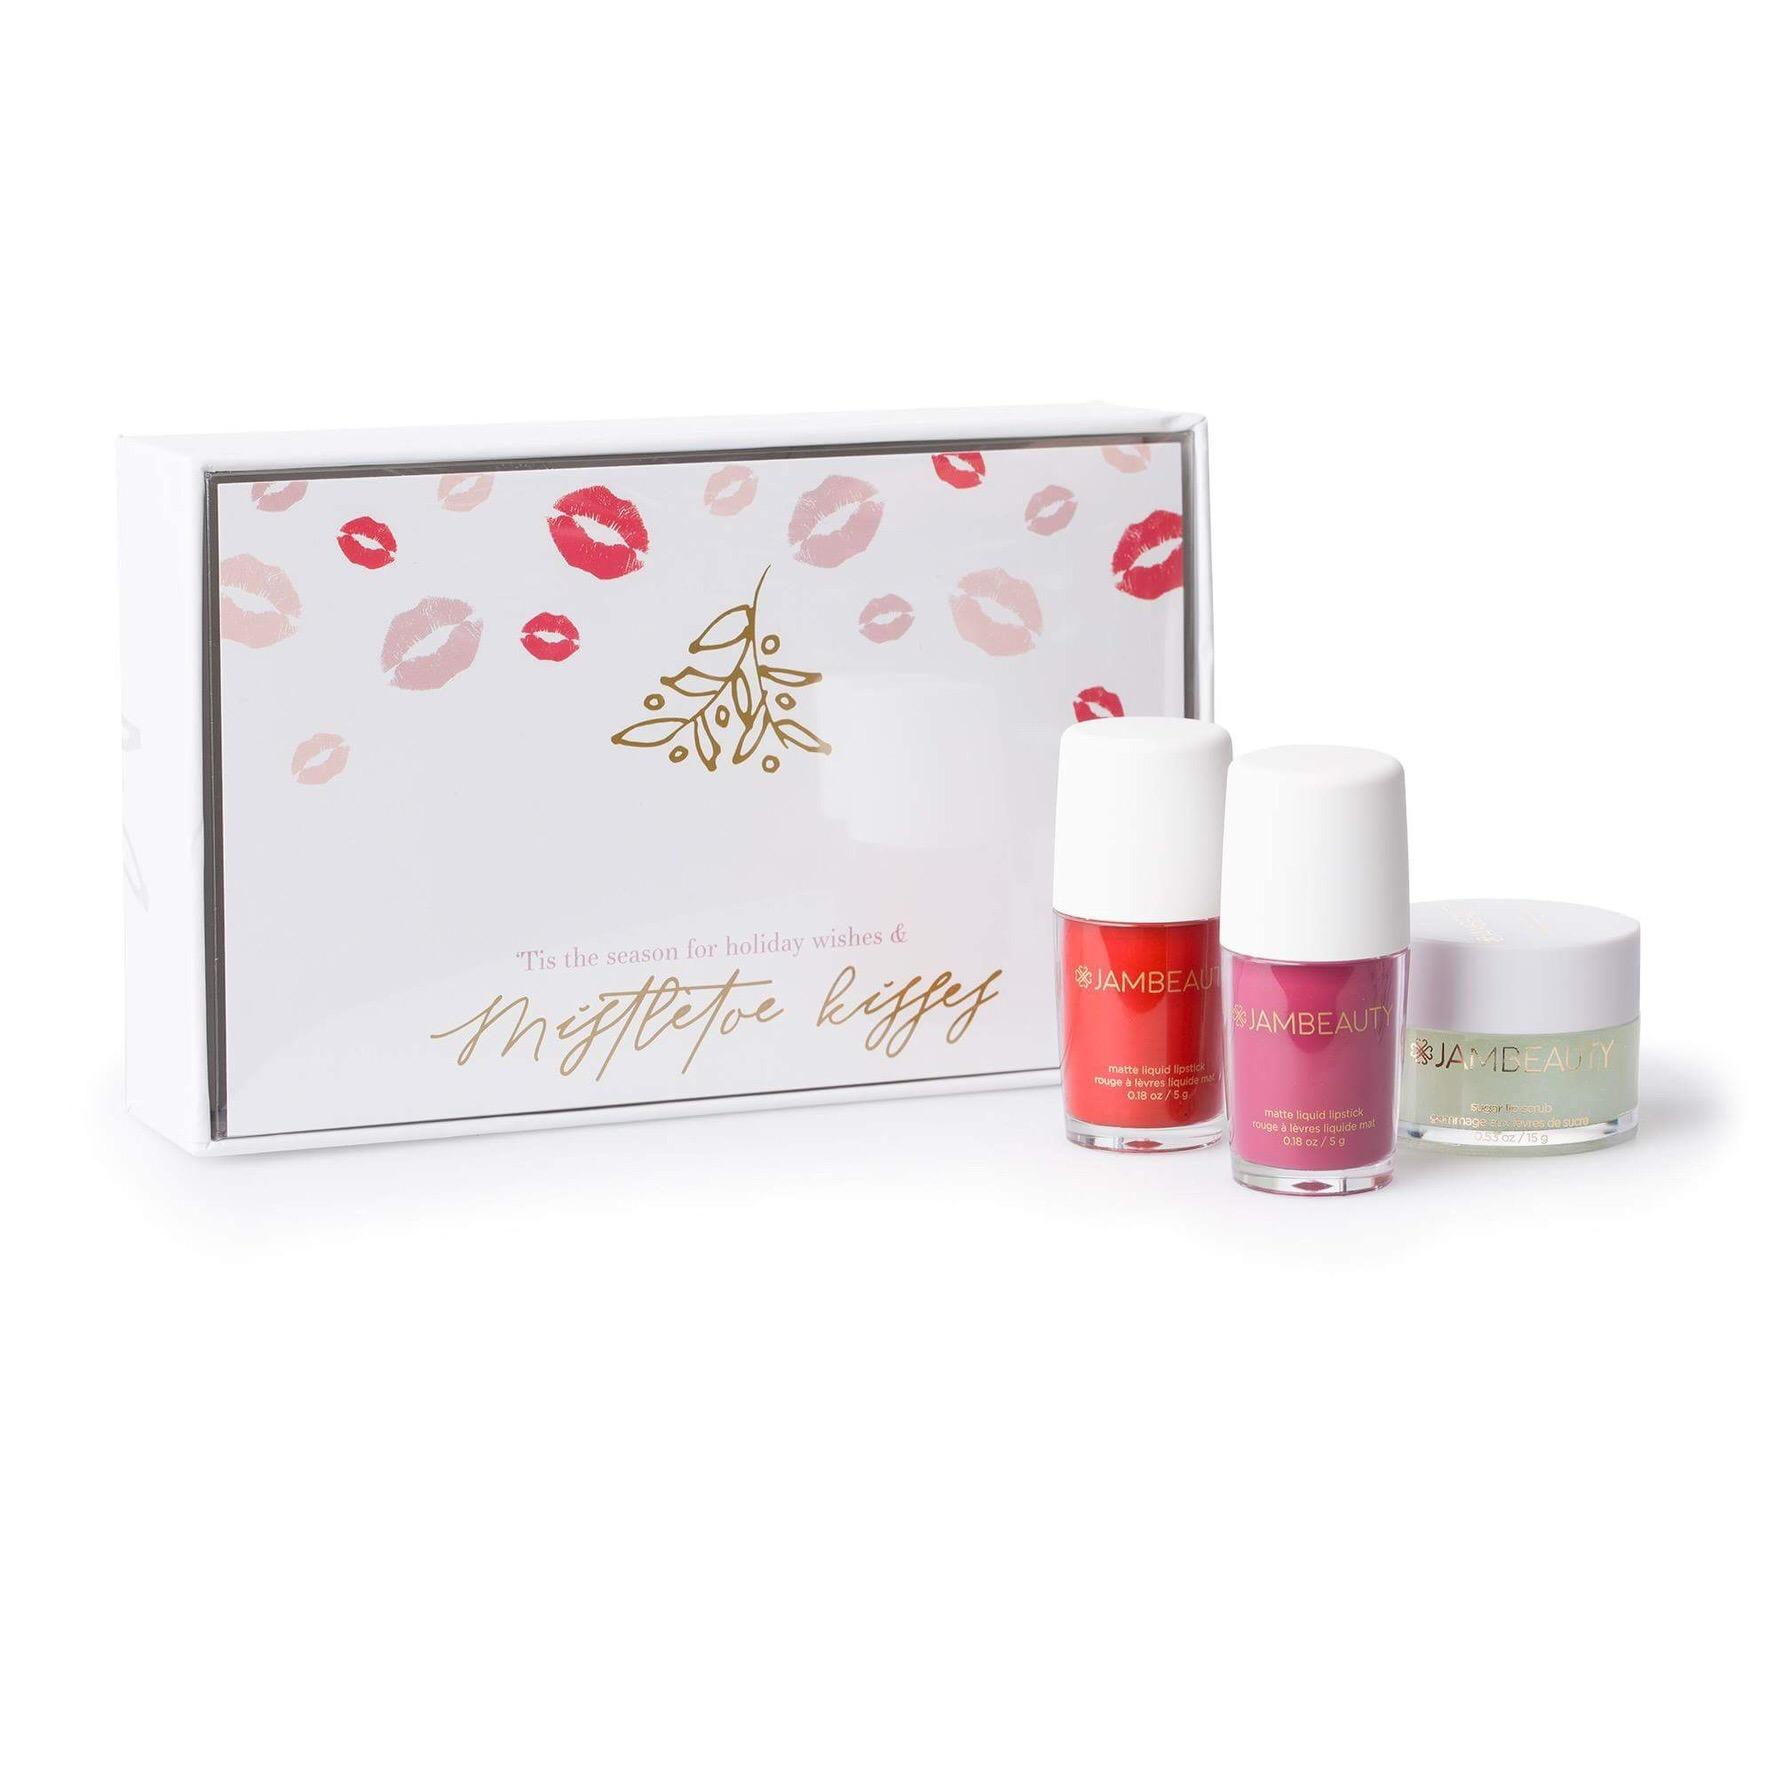 JamBeauty Lip Manicure Set Review